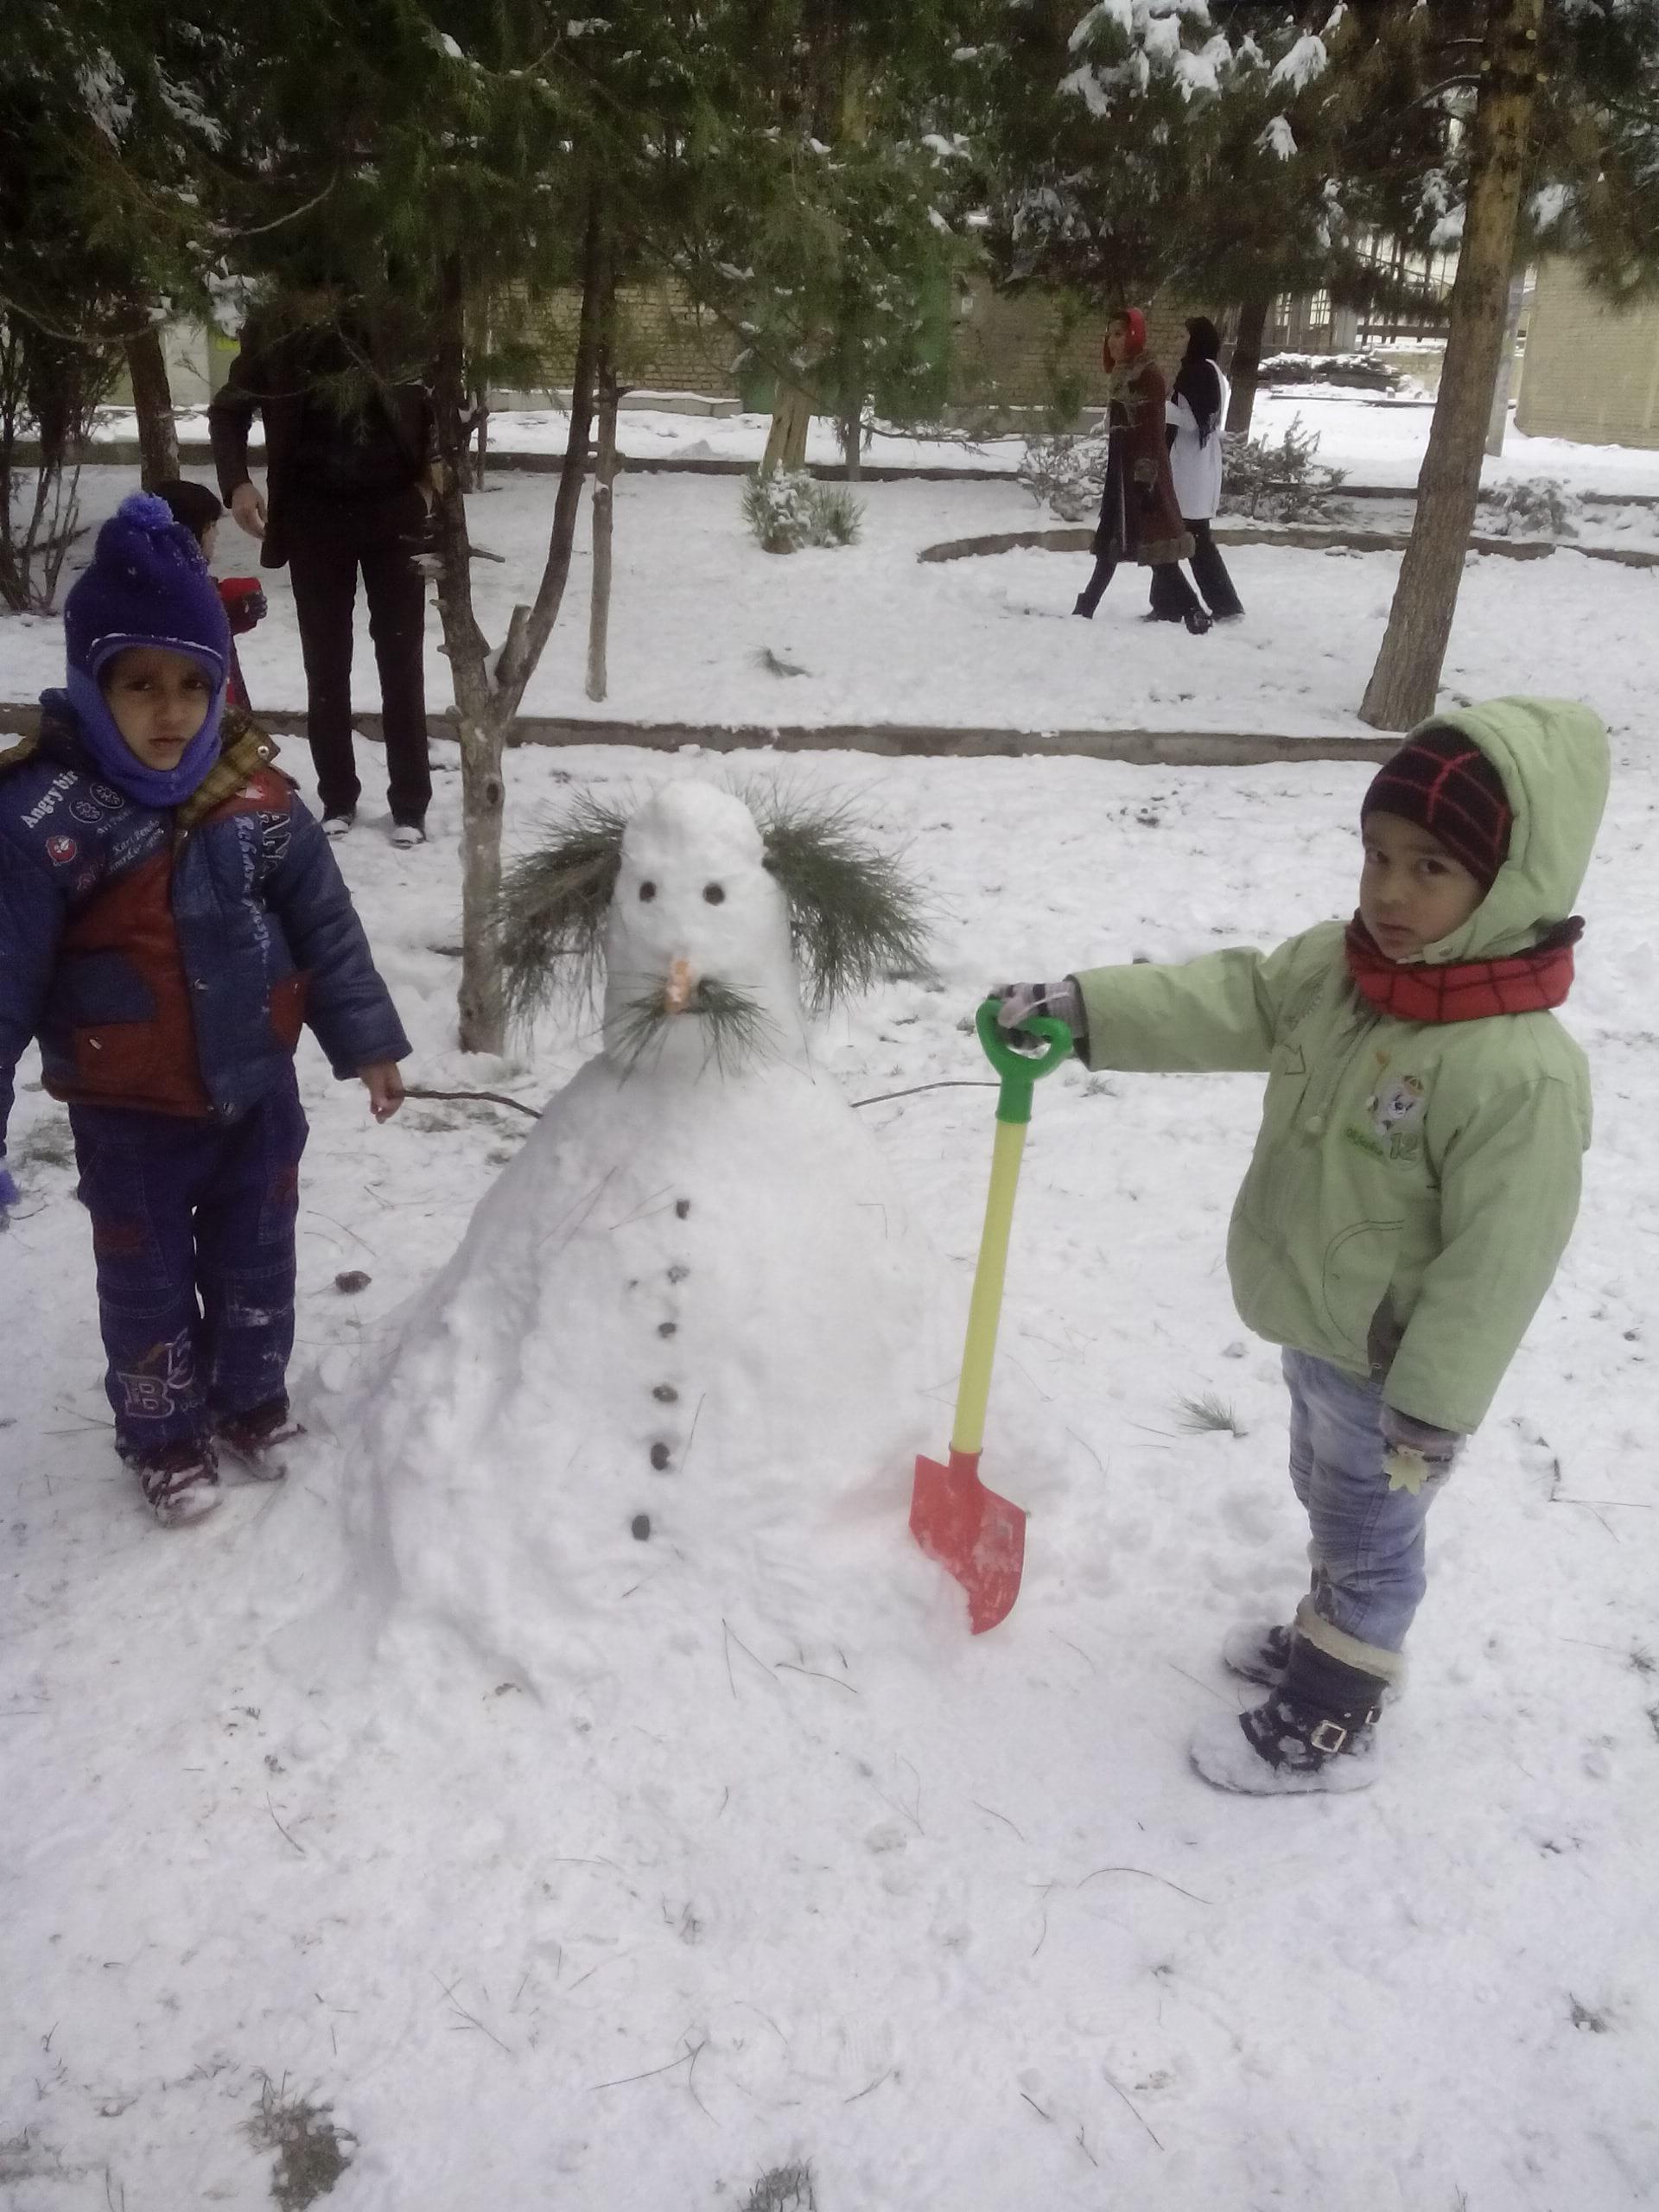 عکس شماره14: زهرا ولی پور از رباط کریم تهران